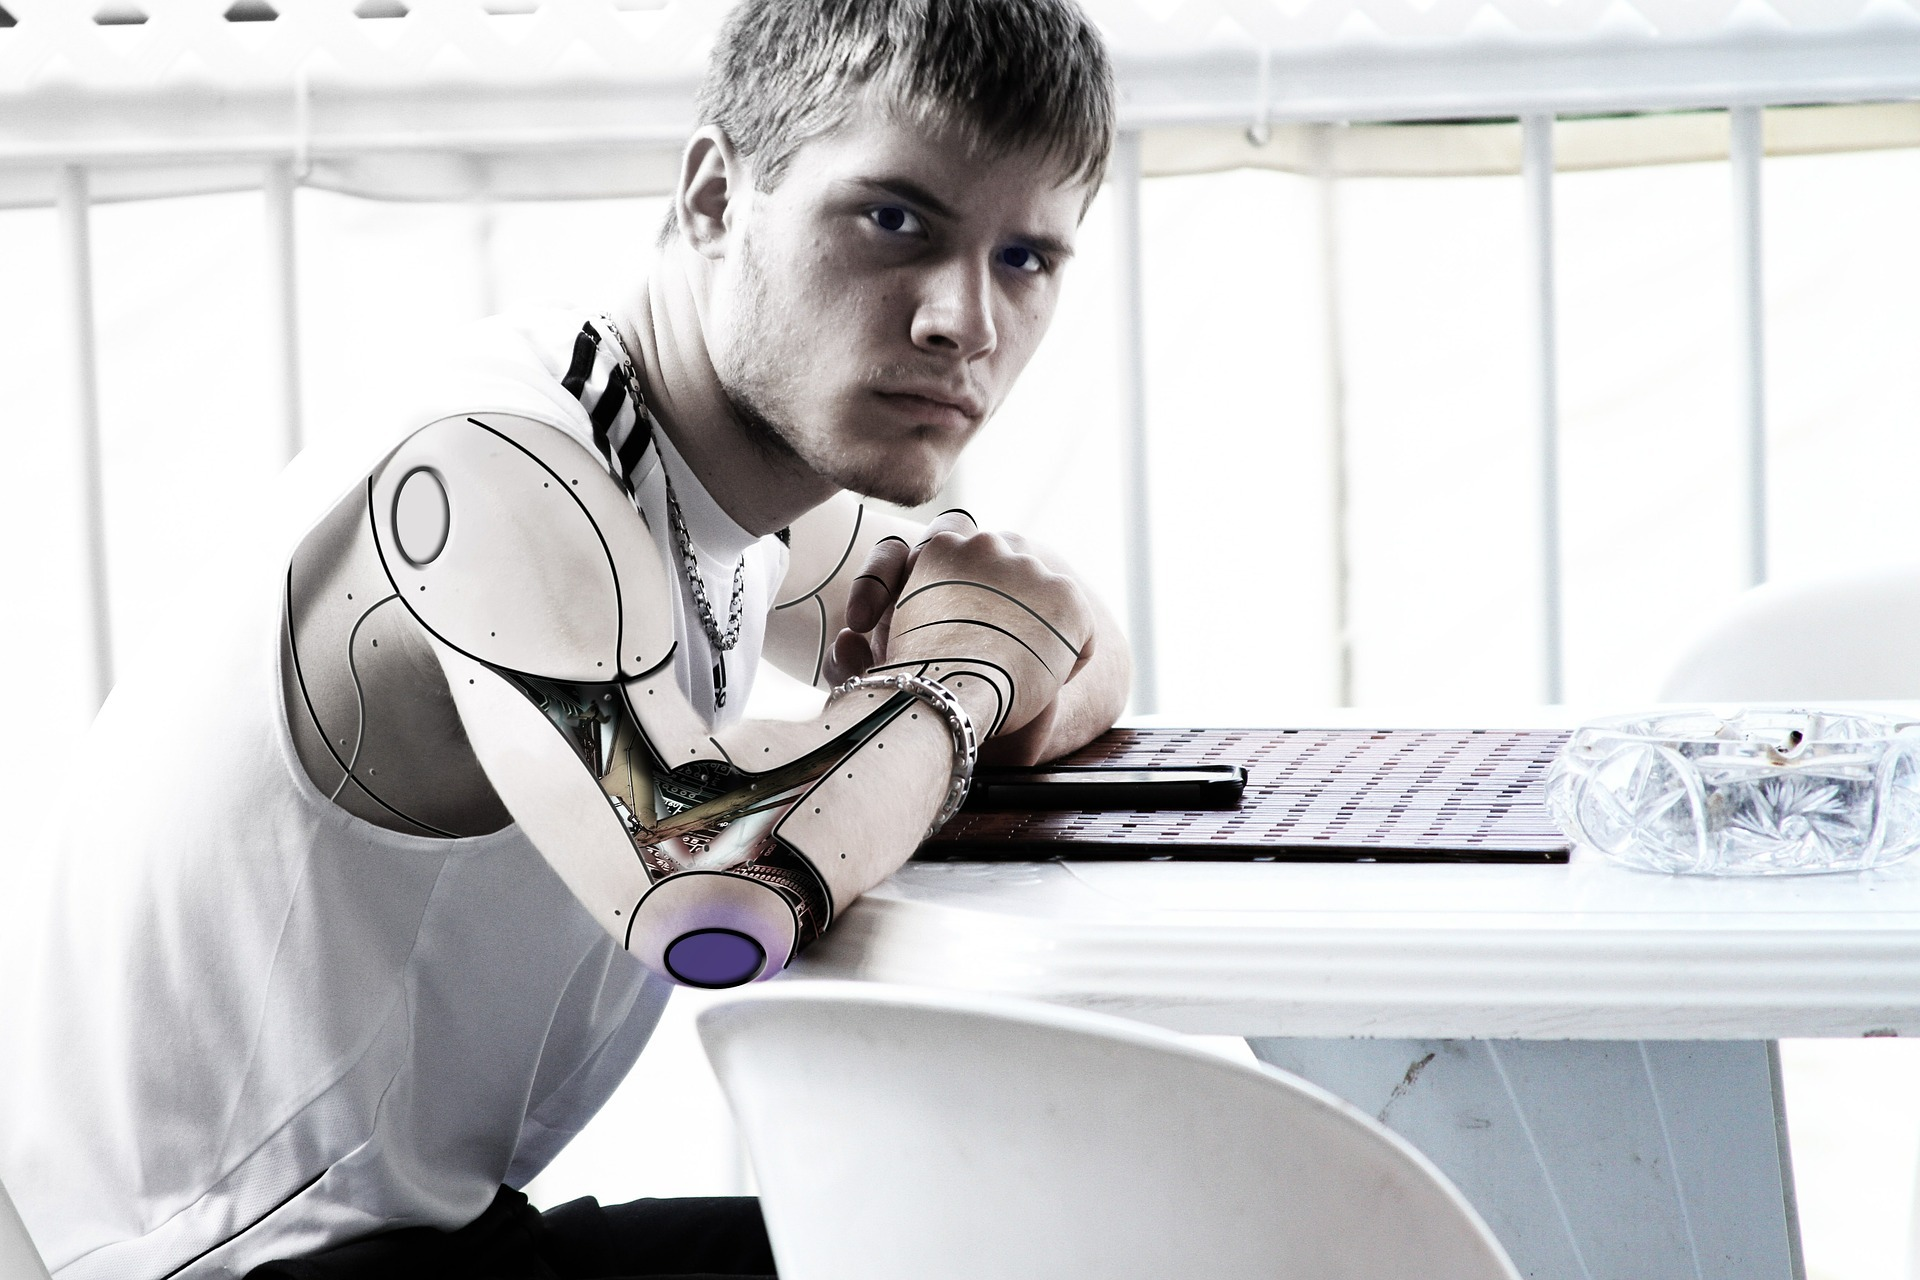 社群經營必備!用聊天機器人讓粉絲互動提升3倍